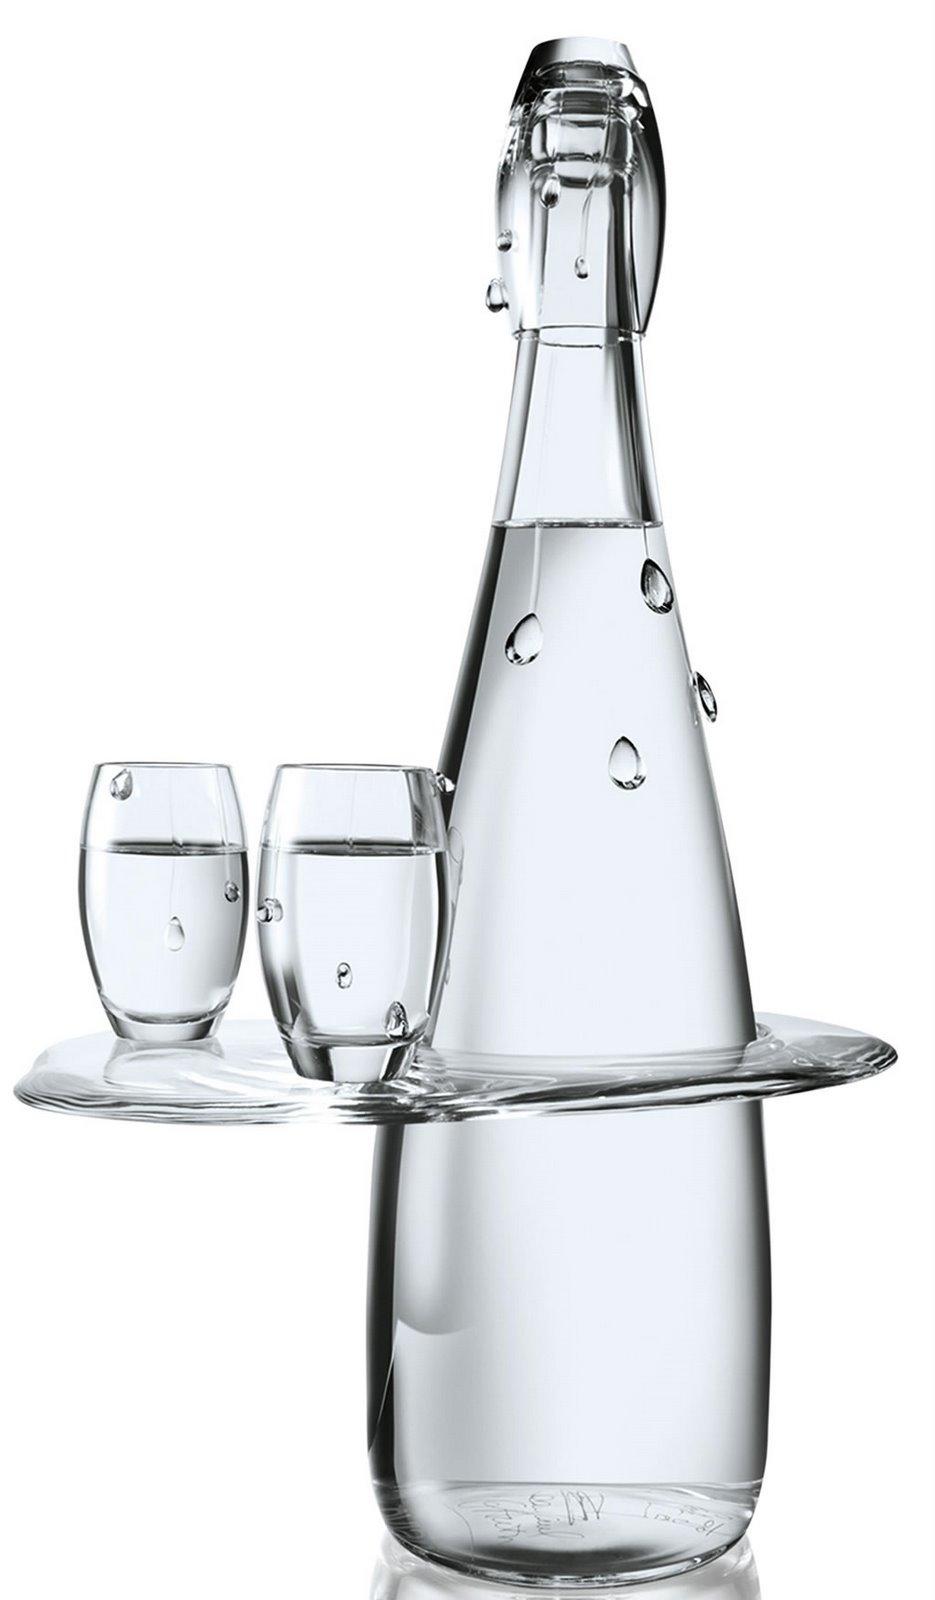 baccarat evian bottle 1 IIHIH